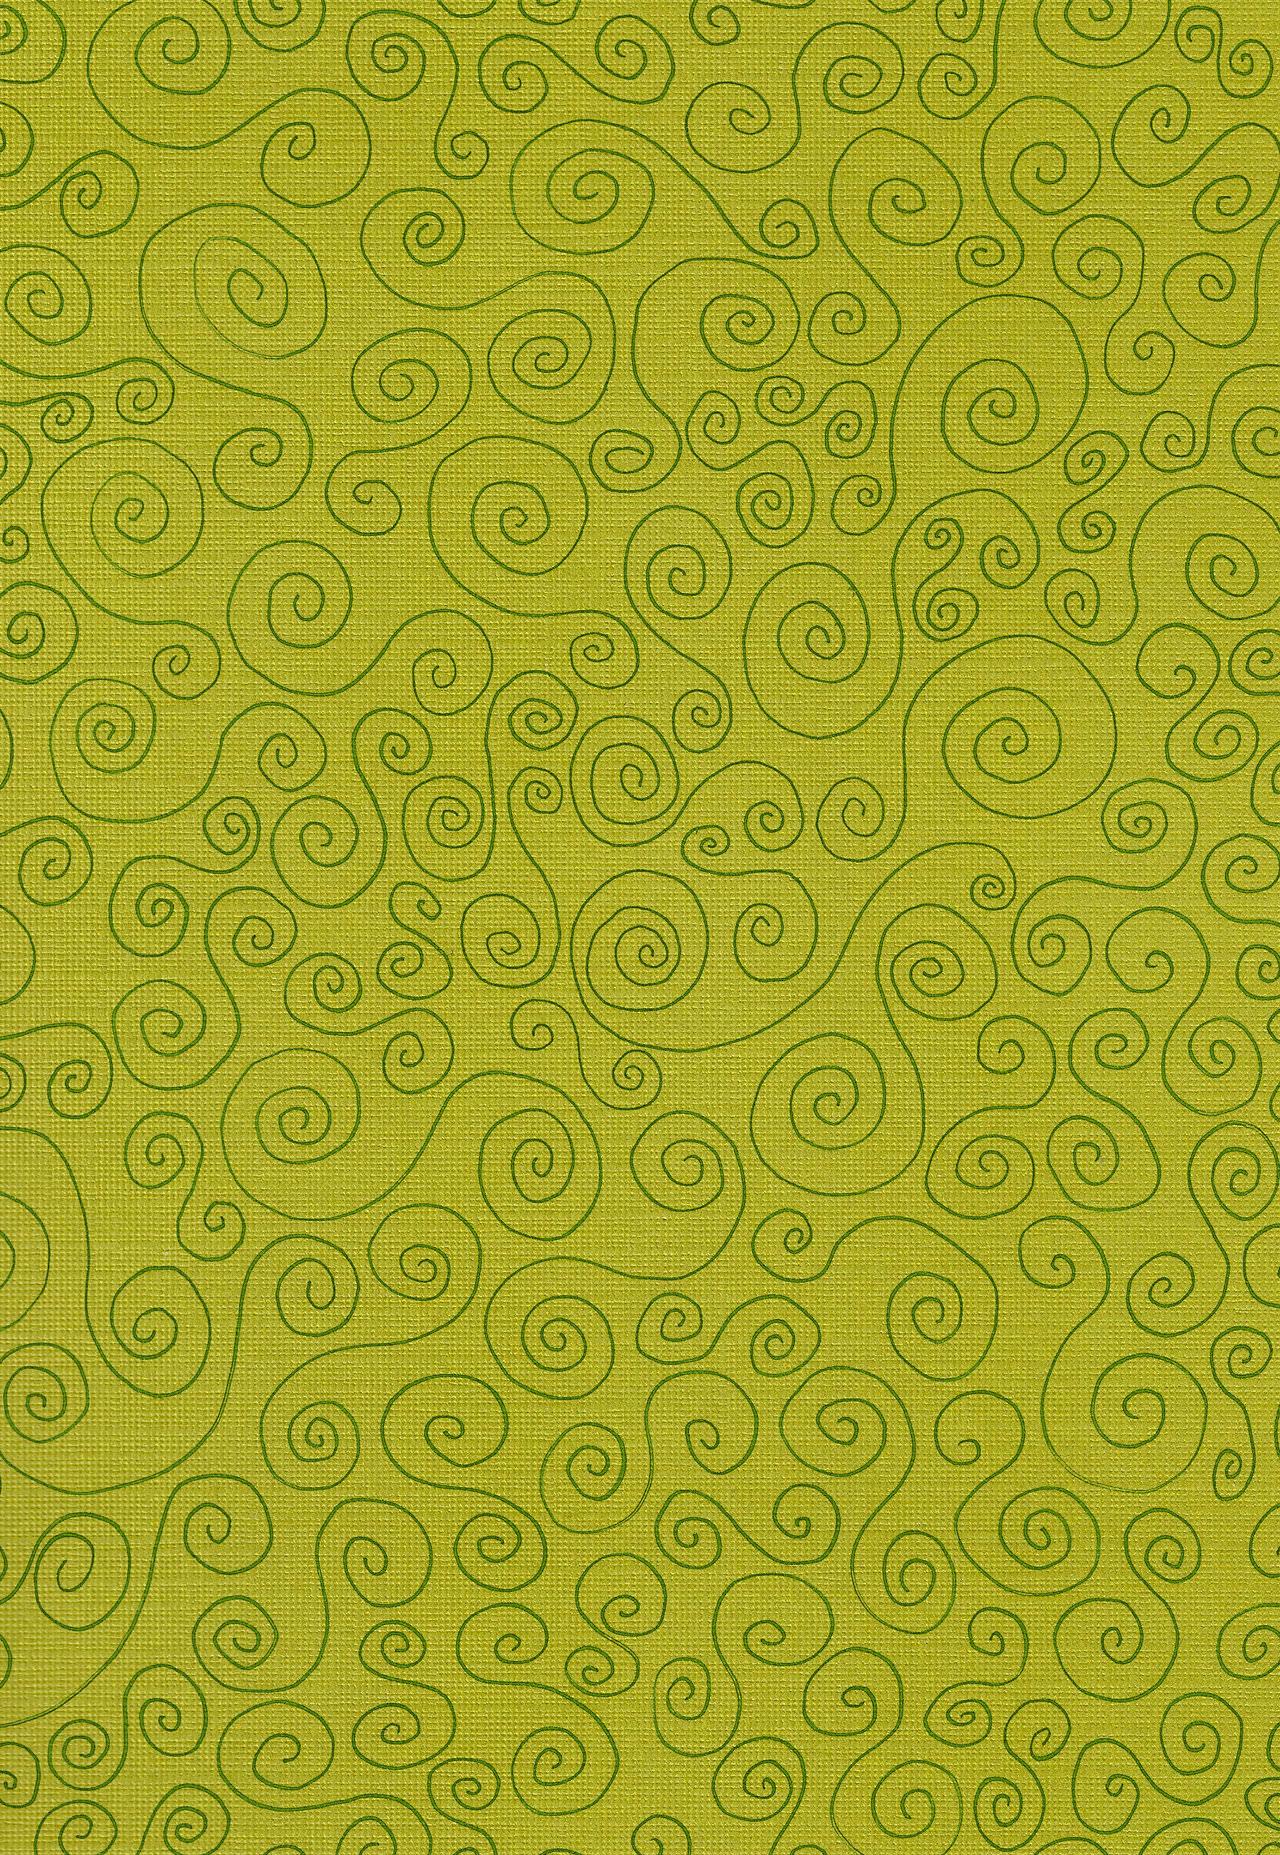 Green Swirls Paper Textured Background